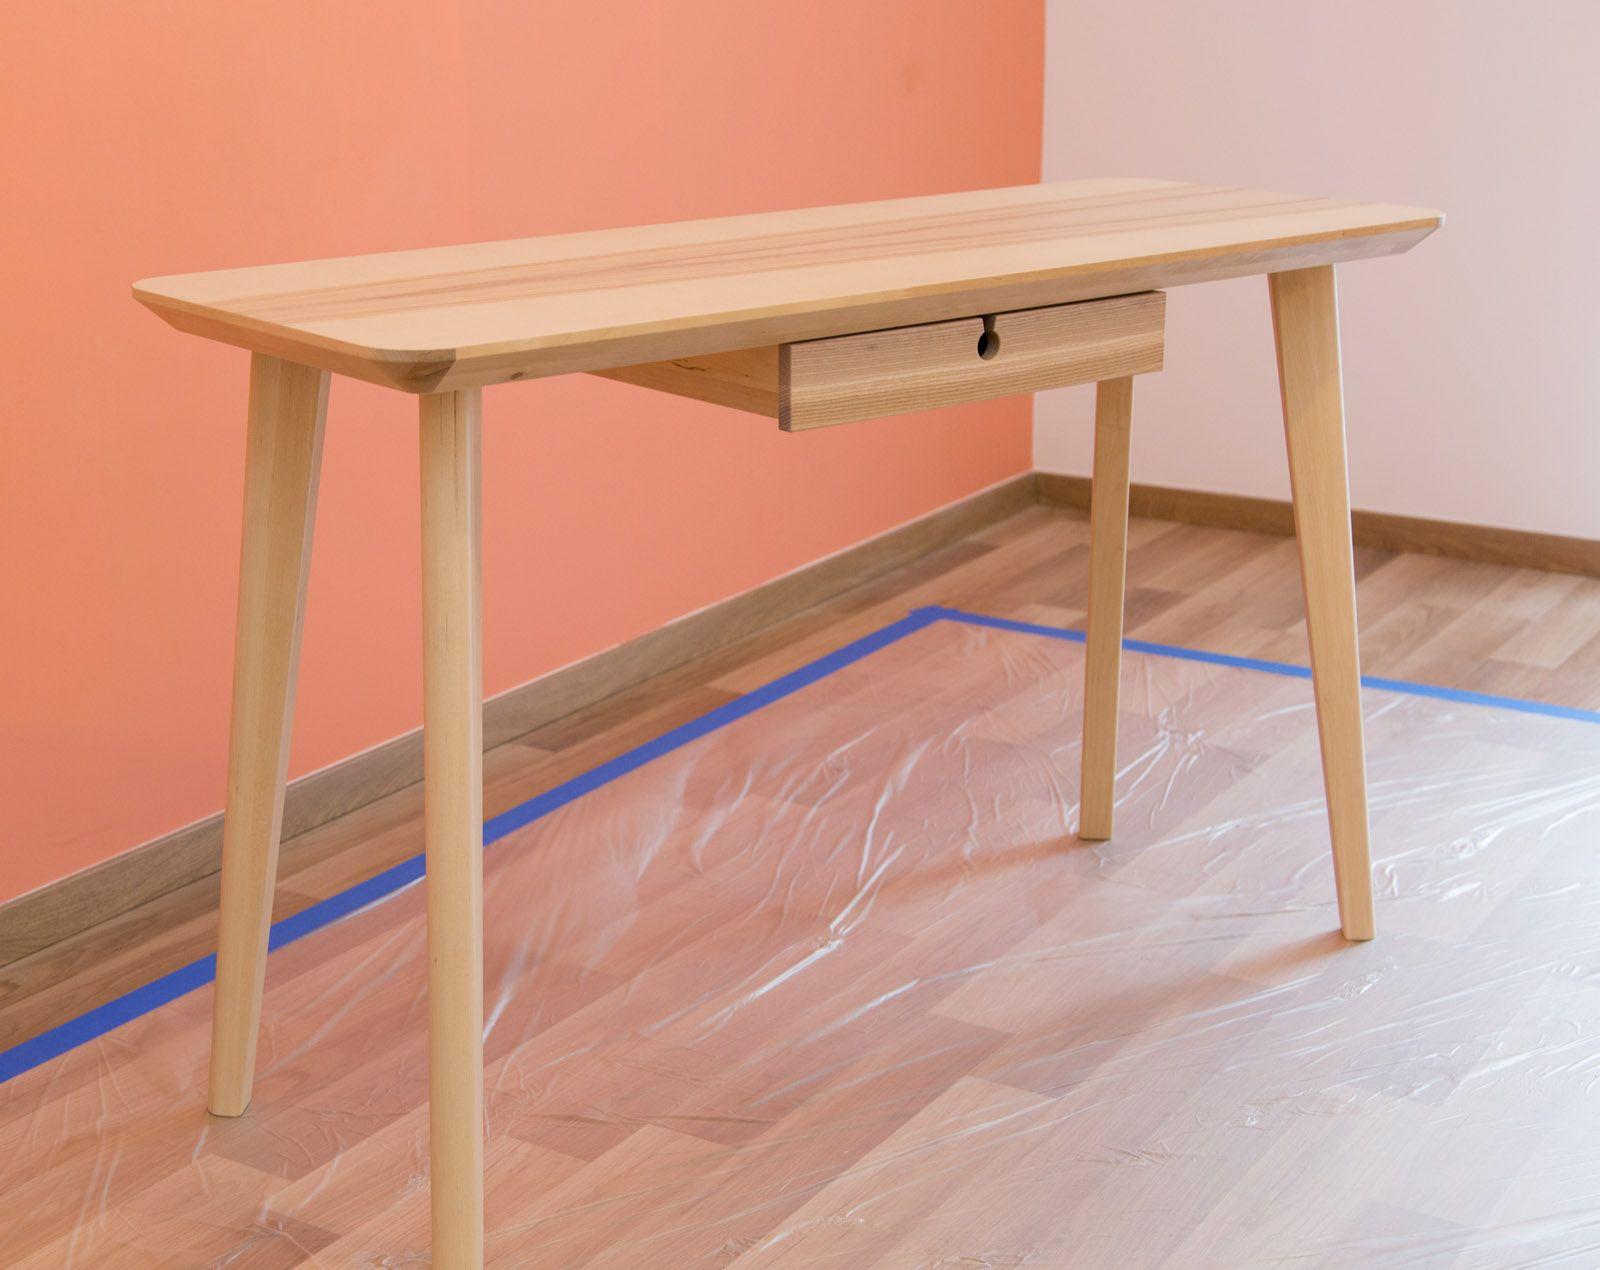 Pourquoi s'en tenir aux basiques, quand on peut customiser, décorer et adapter un meuble à ses envies décoratives? Prenez ce bureau de style suédois à la belle allure, mais manquant d'un petit peu de fantaisie. Choisissez une couleur de peinture contrastant bien avec la couleur principale de la pièce, ici du blanc pour un mur orange. La réussite dépendra surtout d'une application aux motifs nets et finitions parfaites. Le secret réside dans le ruban de masquage.